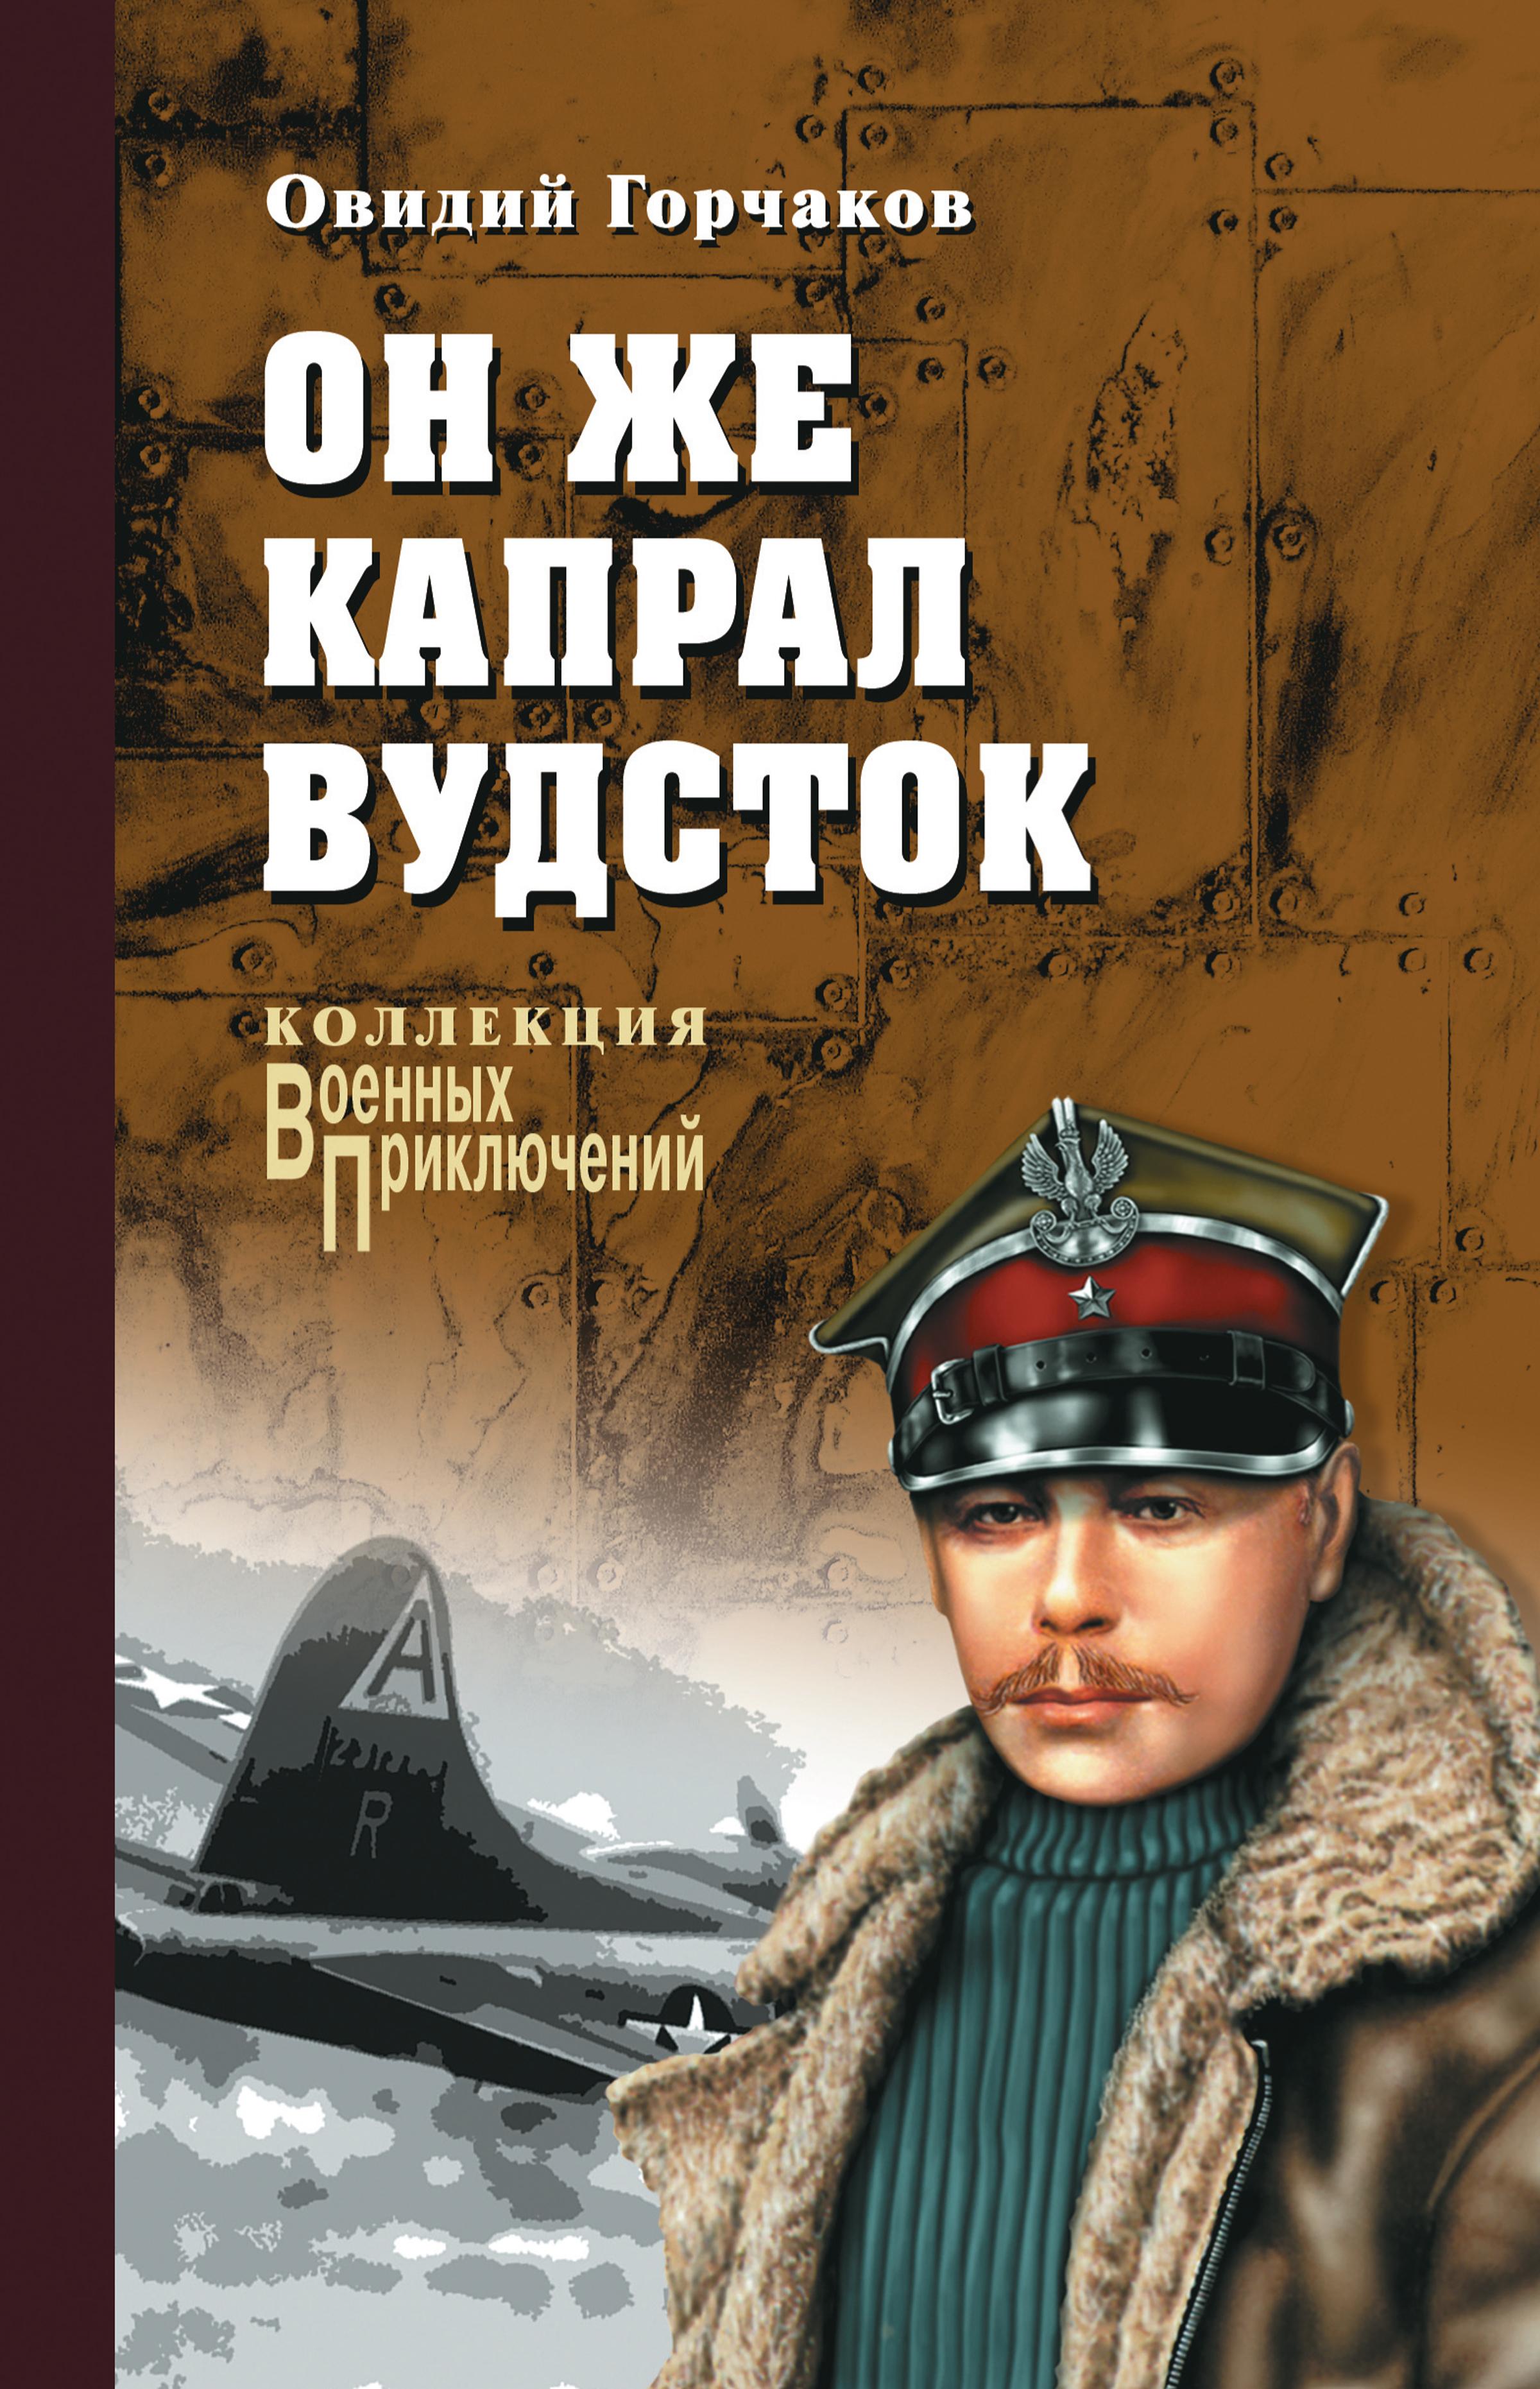 Овидий Горчаков «Он же капрал Вудсток»